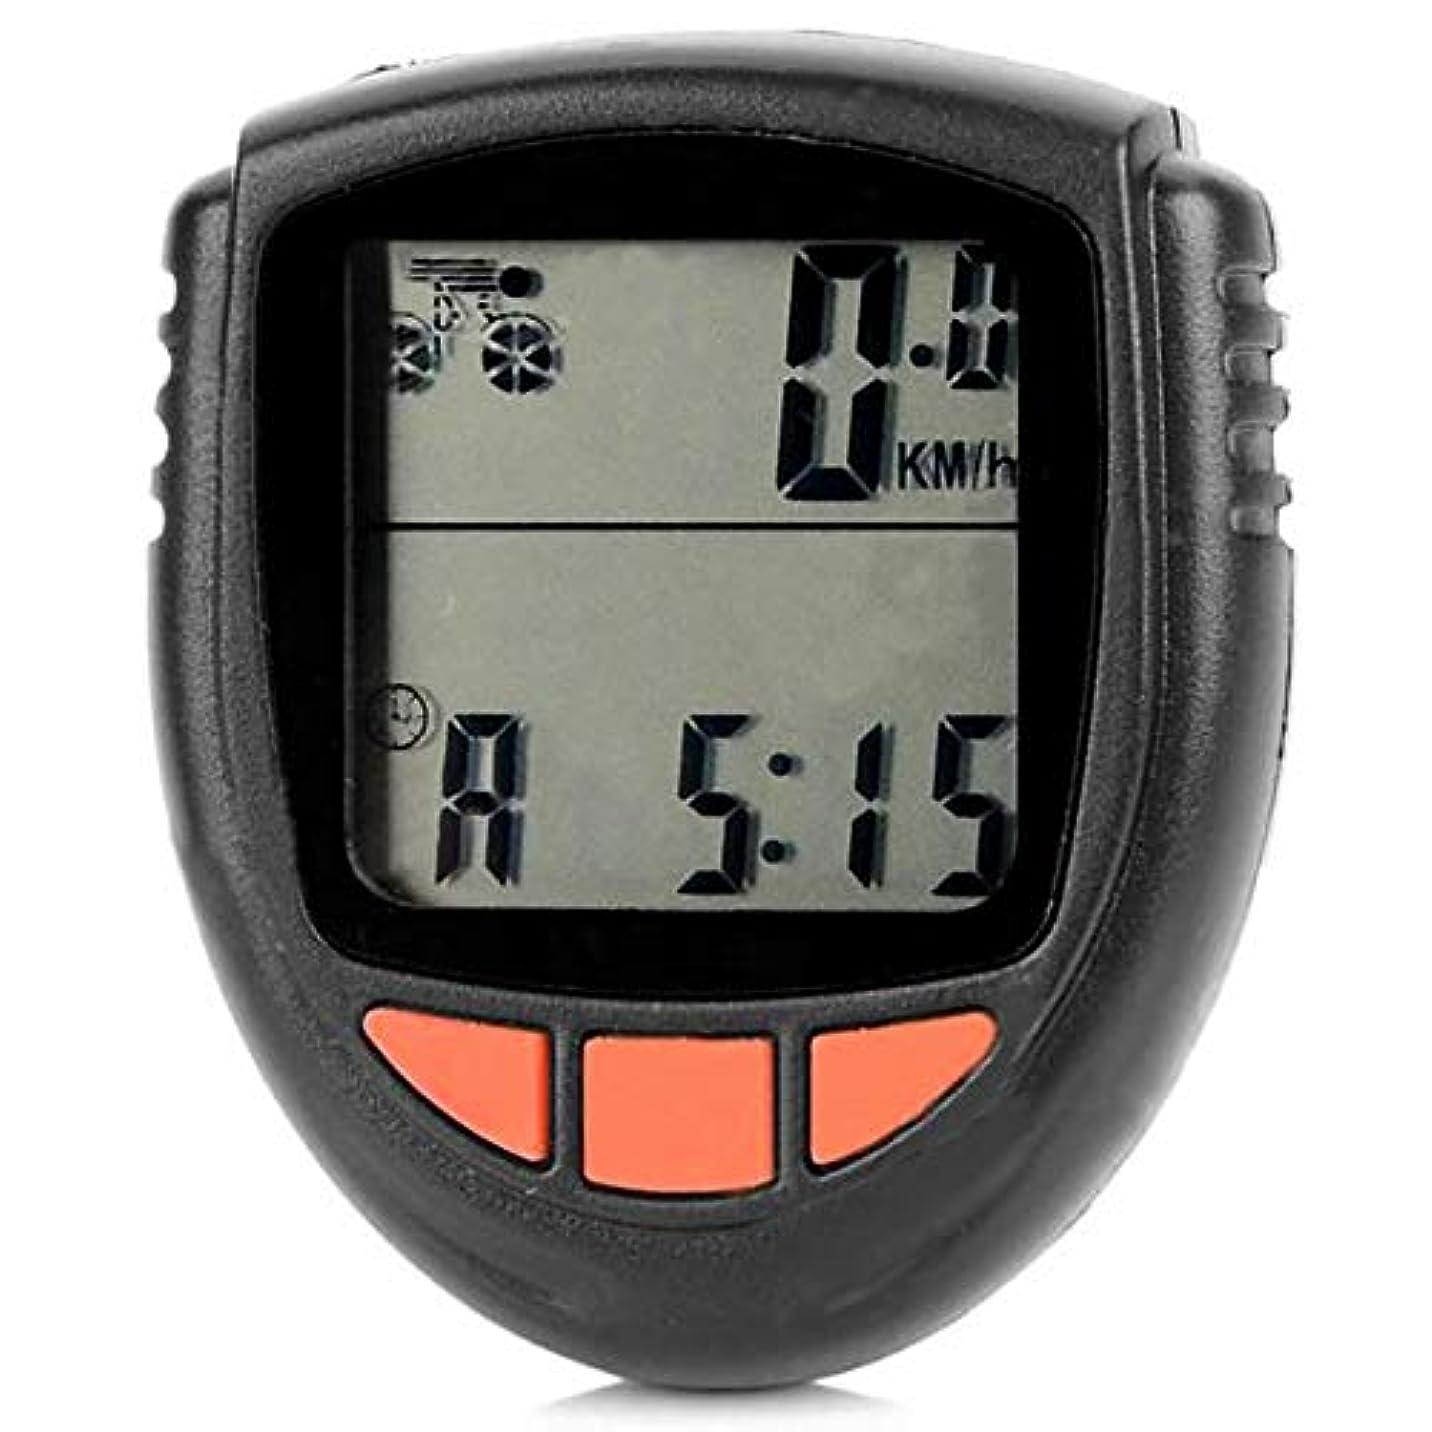 アヒルハック曖昧な自転車 コード表 スピードメーター 走行距離計 機能 防水 コード表